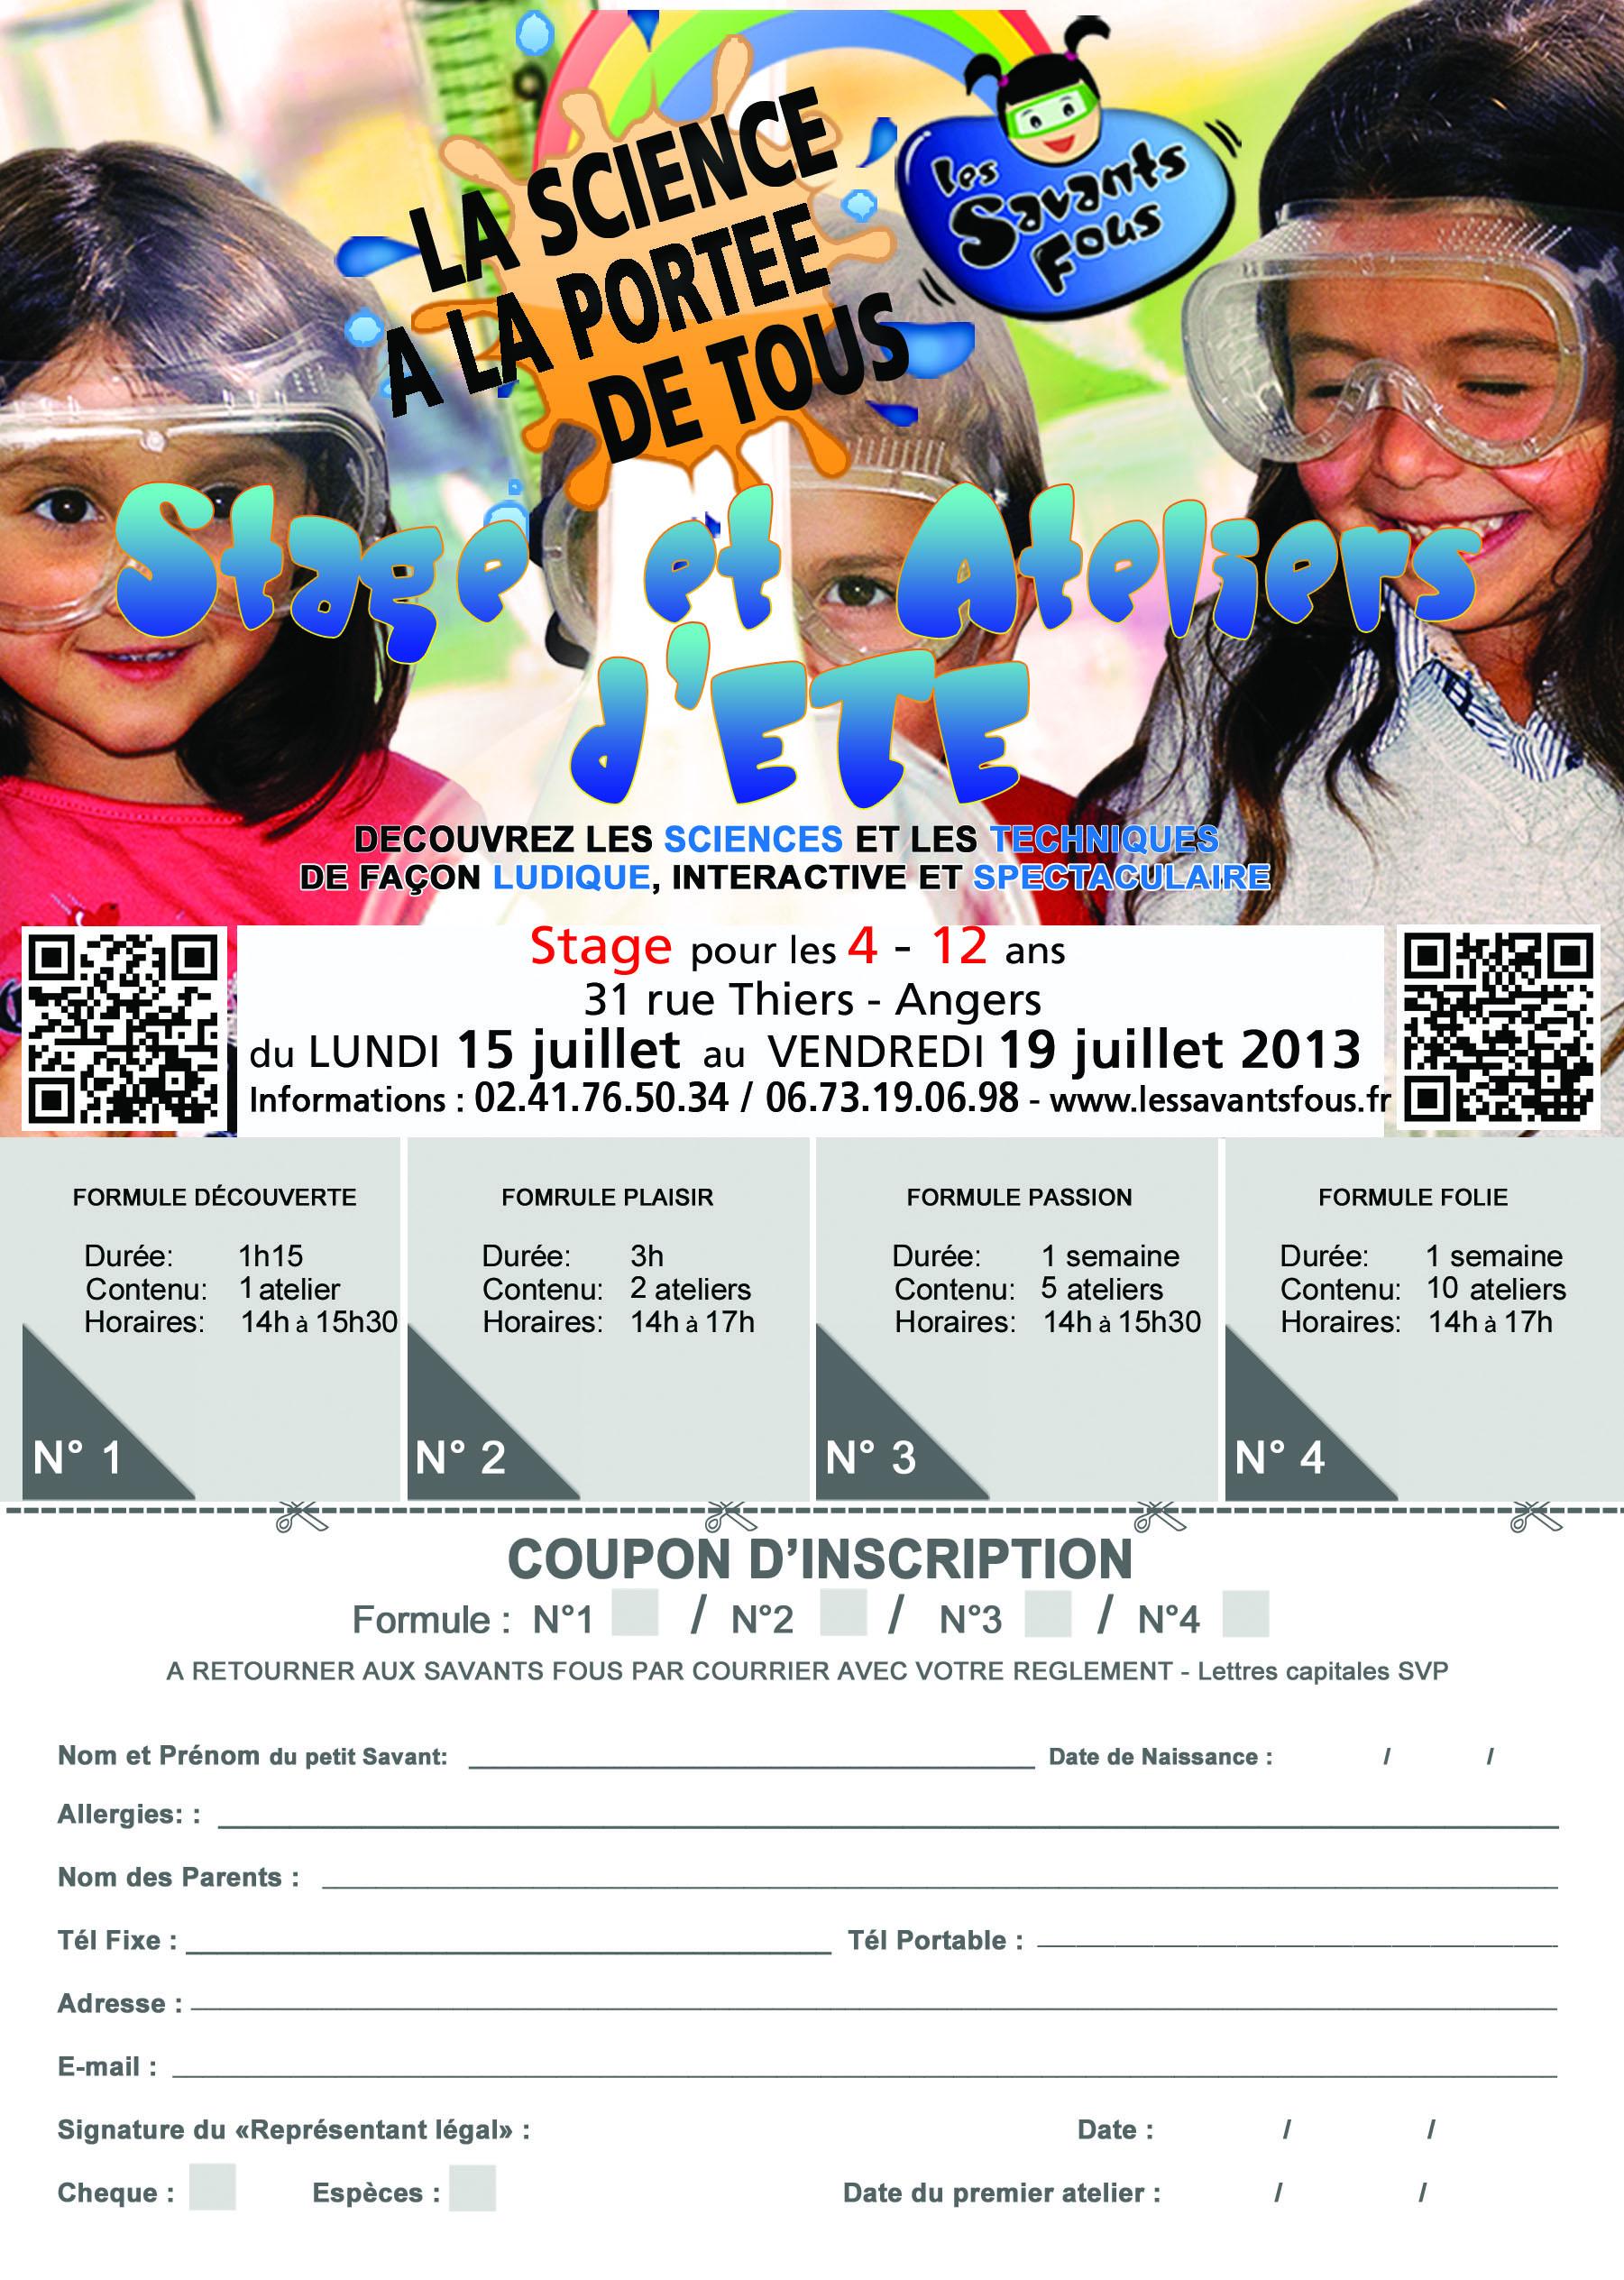 Bulletin d'inscription aux Stages et Ateliers des Savants Fous pour la semaine du 15 au 19 juillet 2013